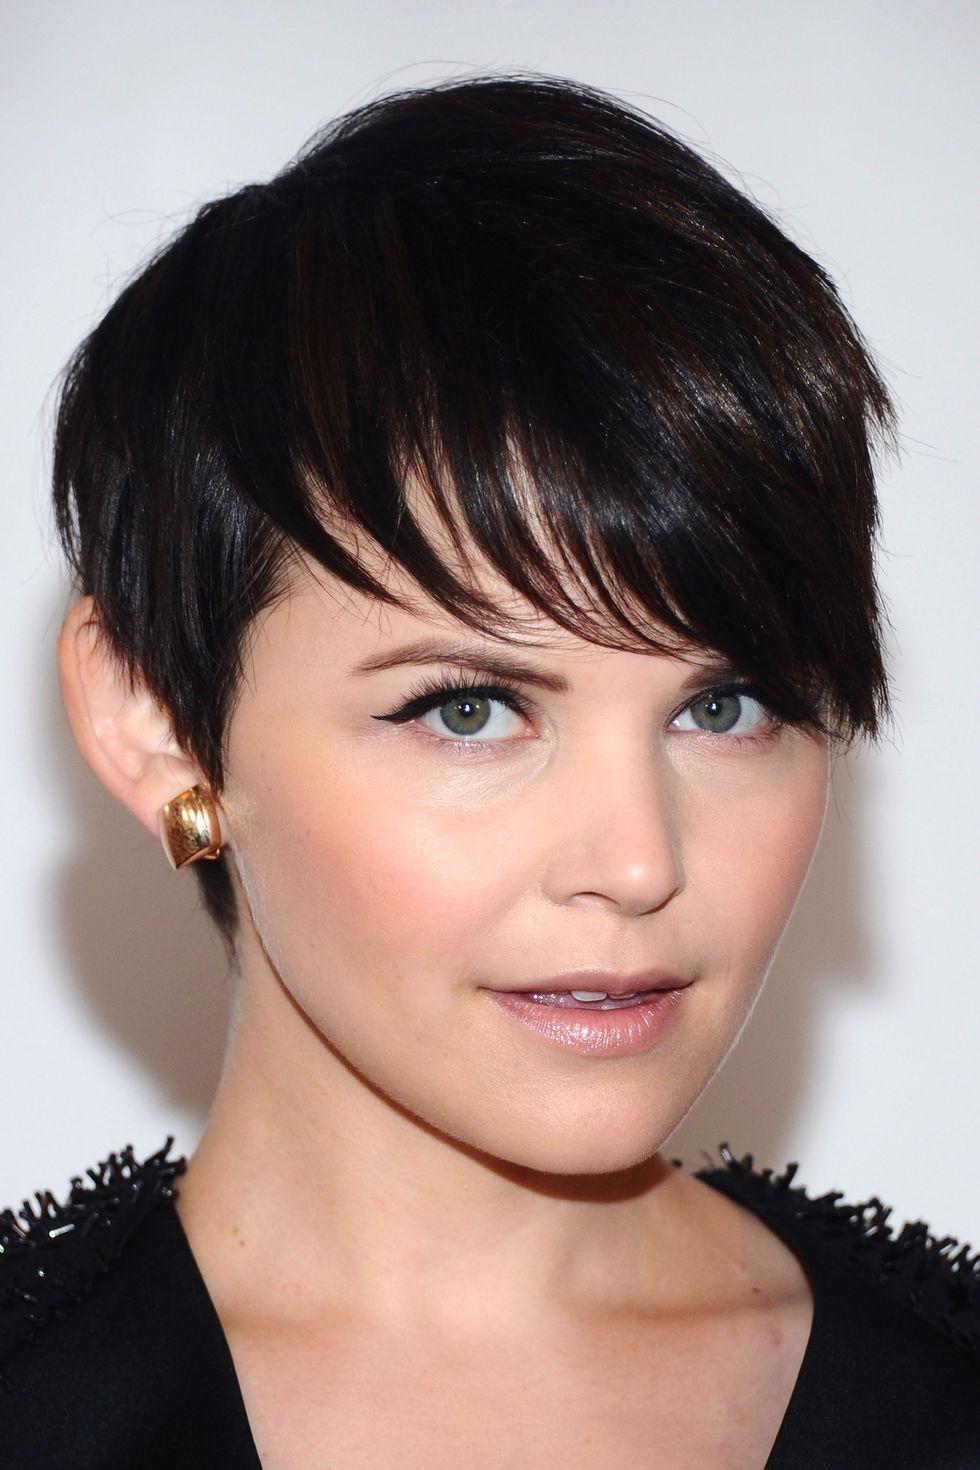 Các kiểu tóc ngắn Pixie đẹp bạn có thể tham khảo từ người nổi tiếng